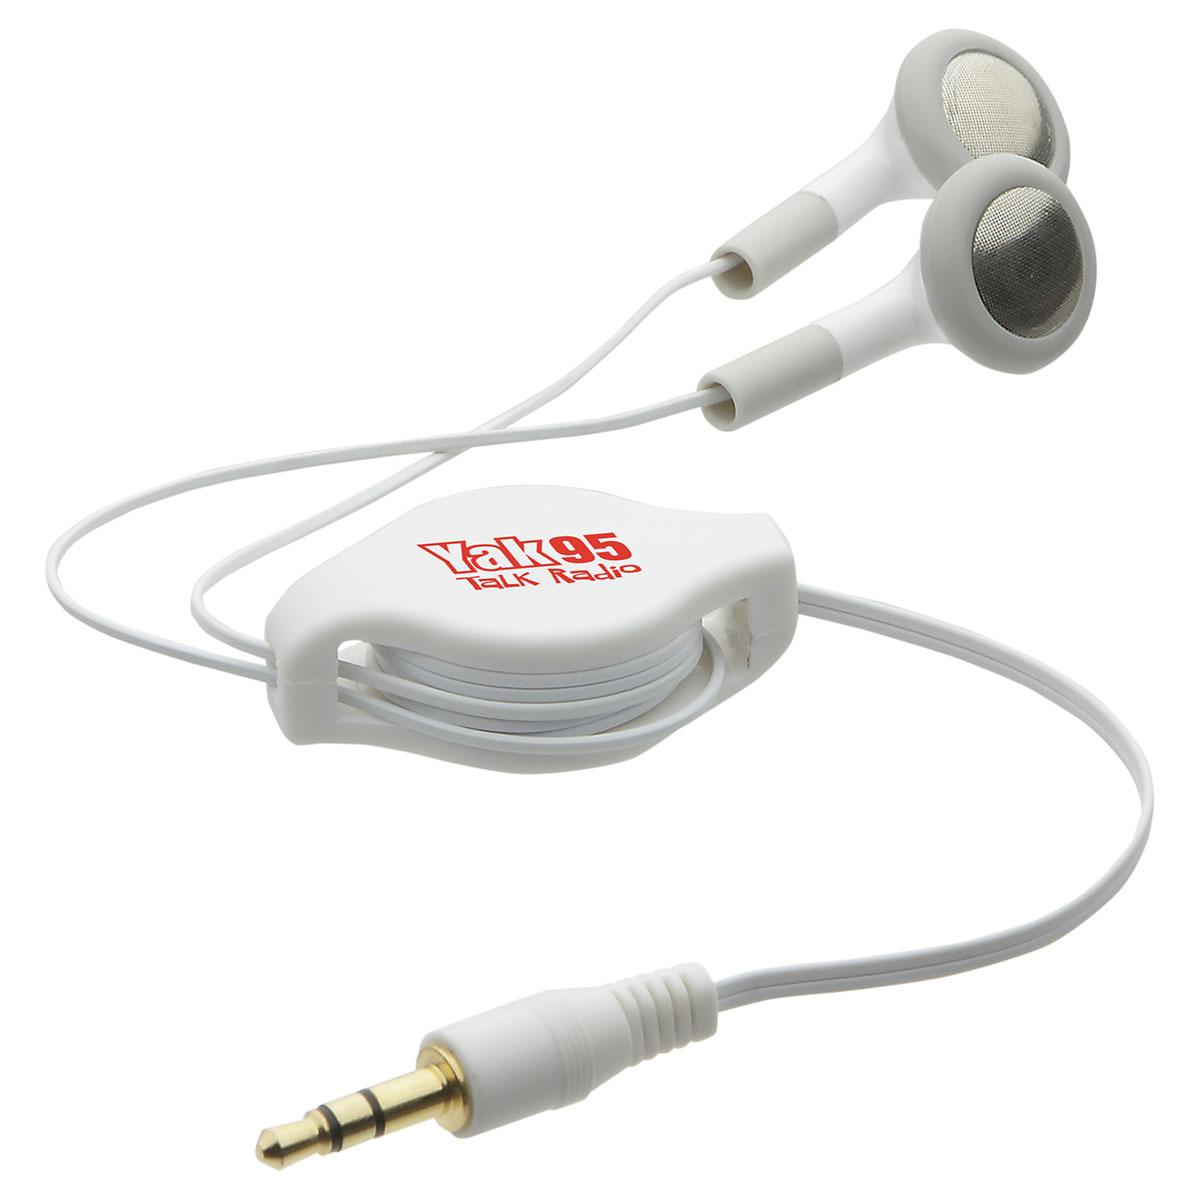 Auto Recoil Ear Buds, WTV-AR13 - 1 Colour Imprint